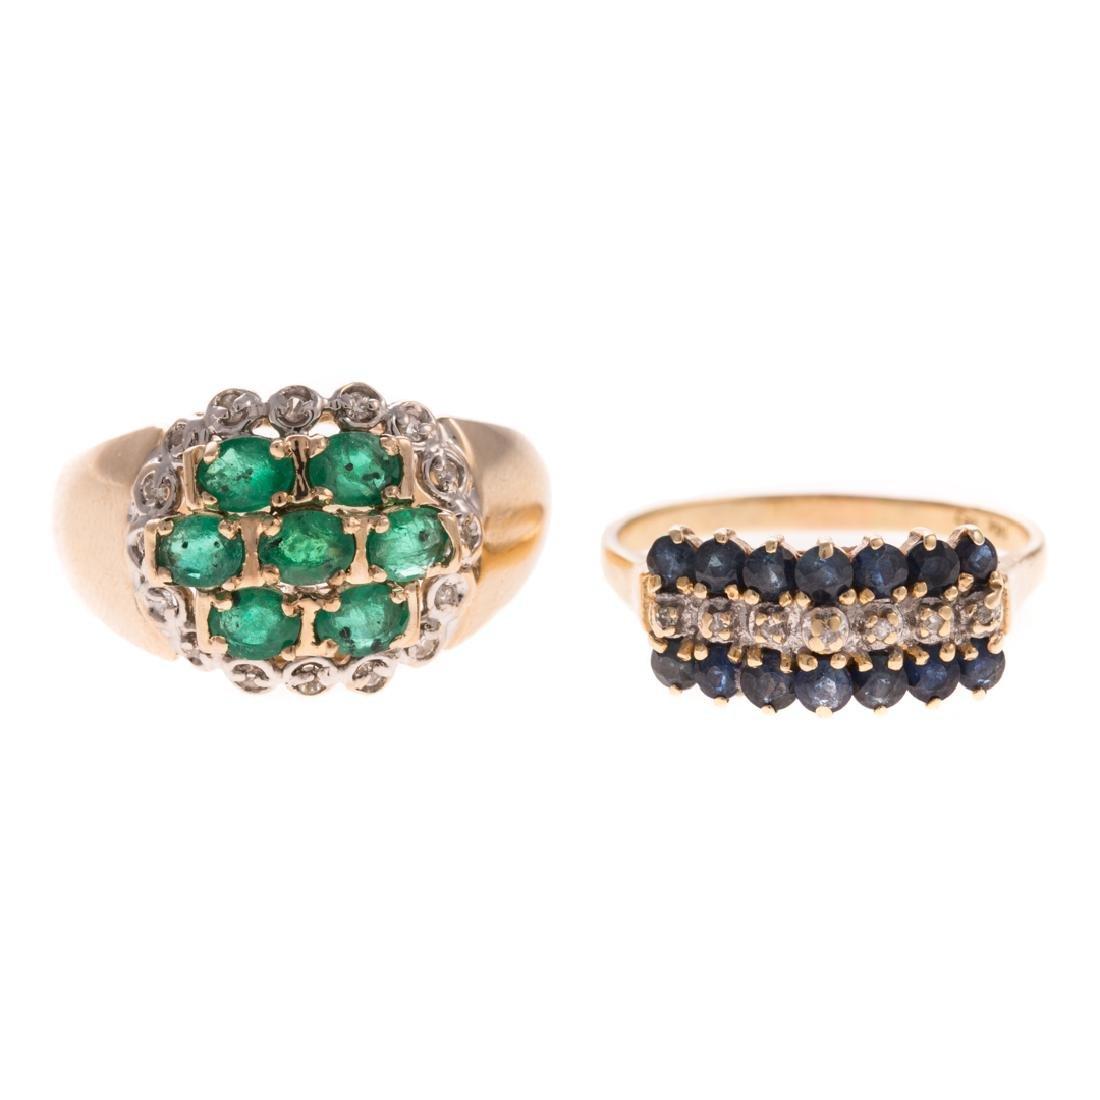 A Pair of 14K Gemstone & Diamond Cluster Rings